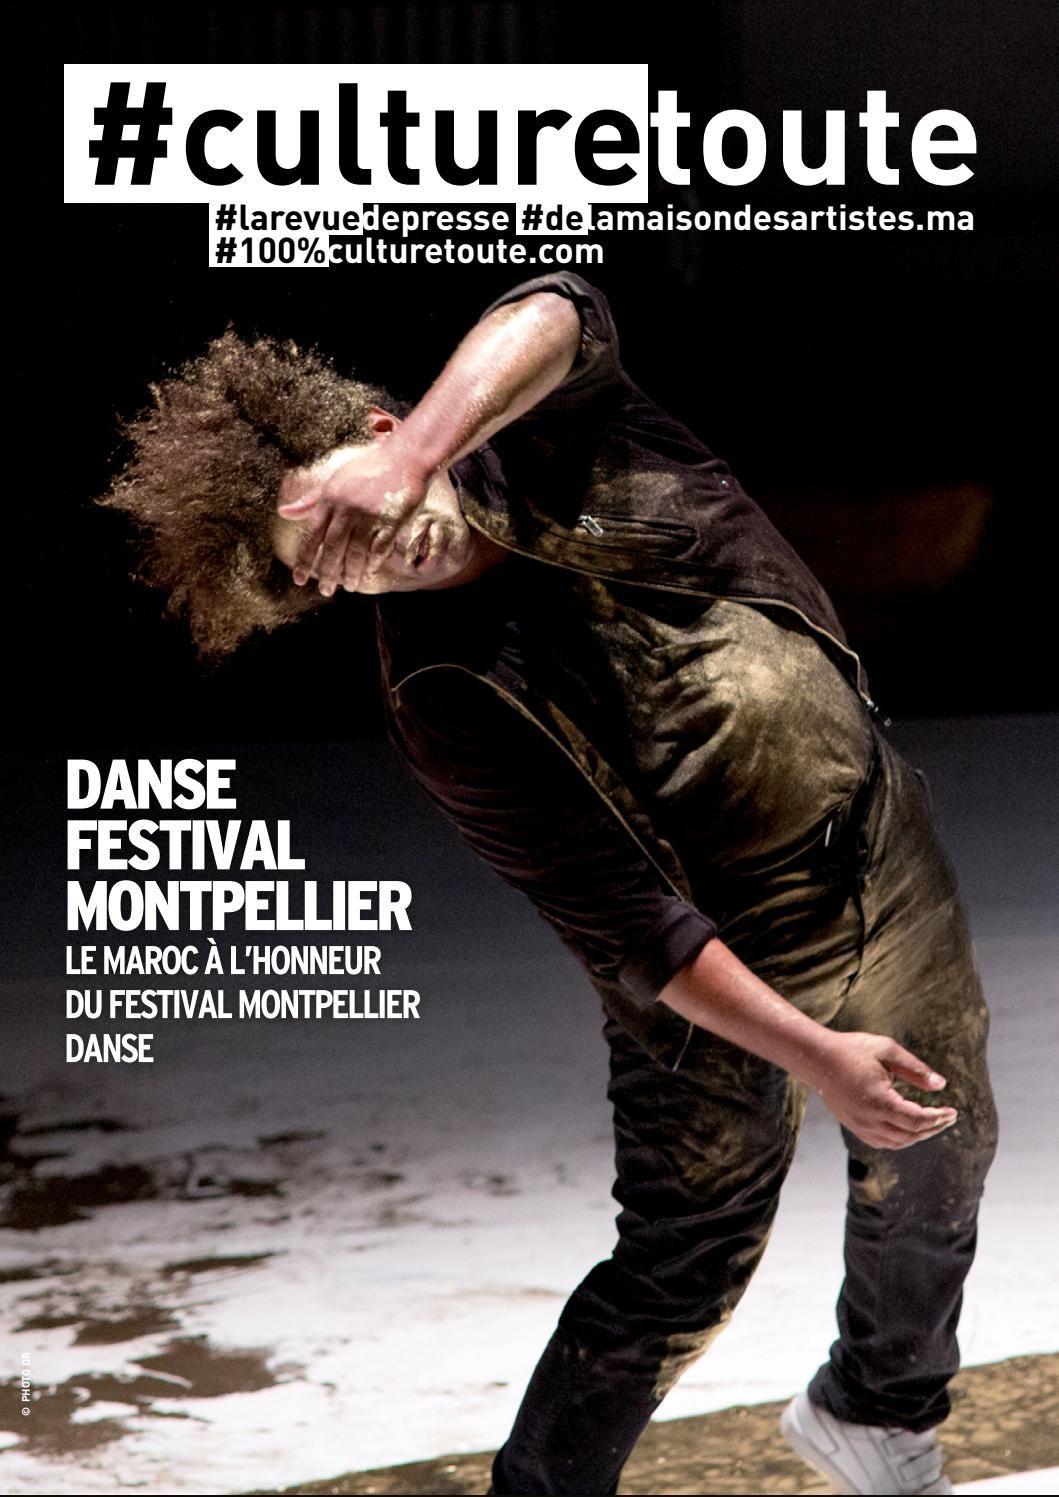 Culturetoute105  La revue de presse du mardi 12 Juillet 2016  ➡ En couverture, Le Maroc à l'honneur du festival Montpellier danse ➡…